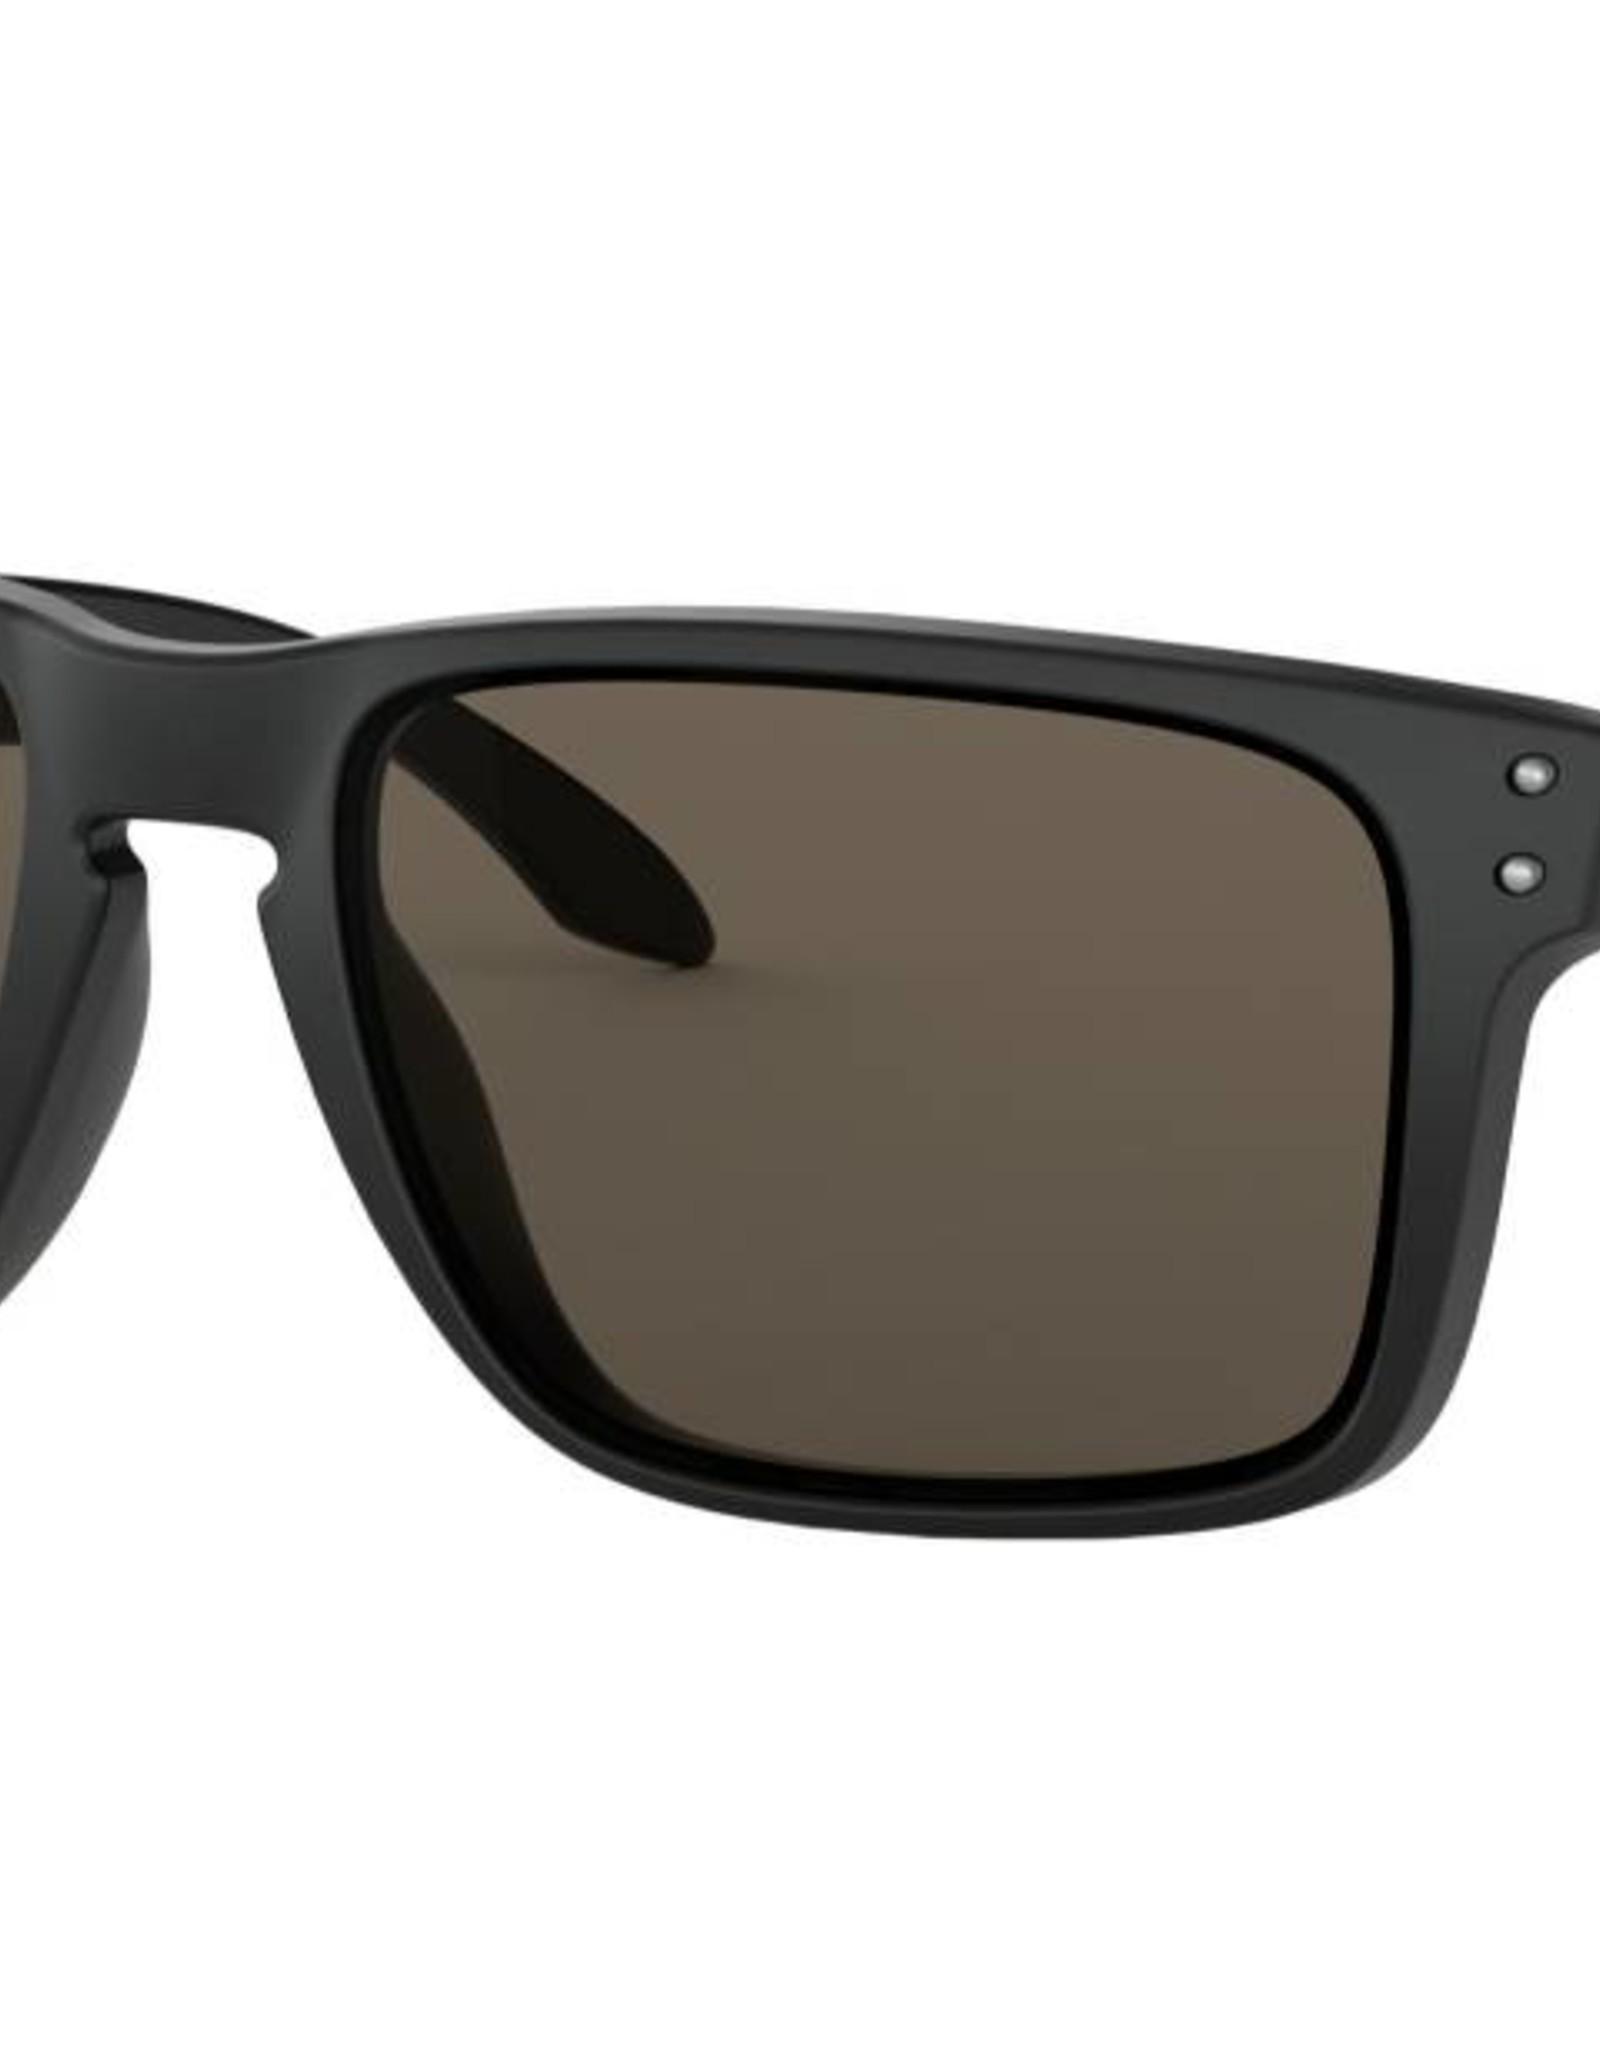 Oakley Oakley - HOLBROOK XL - Matte Black w/ Warm Grey